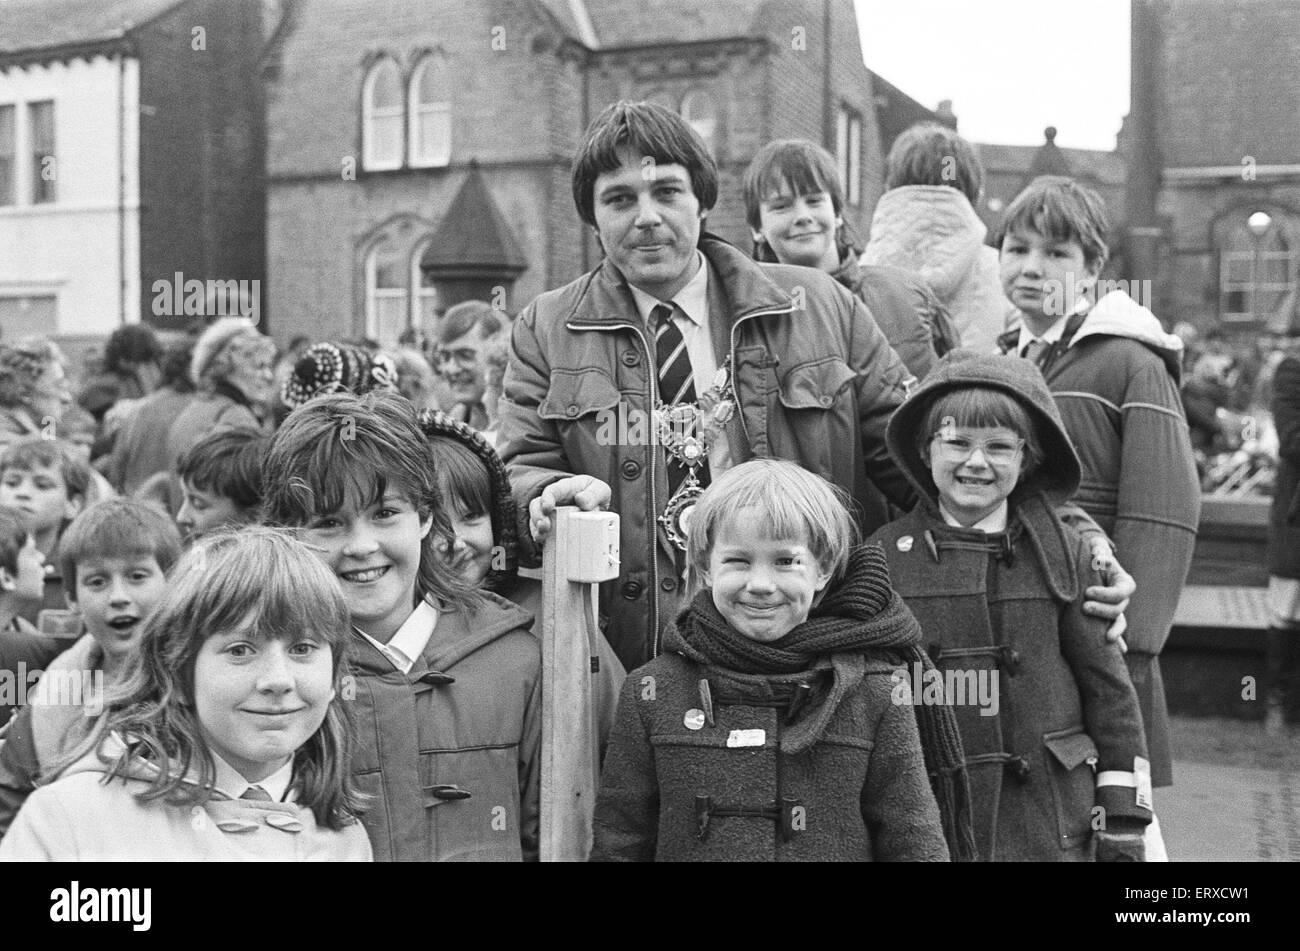 Noël Meltham s'allument, les enfants de Meltham et Helme l'école. 10 décembre 1985. Photo Stock